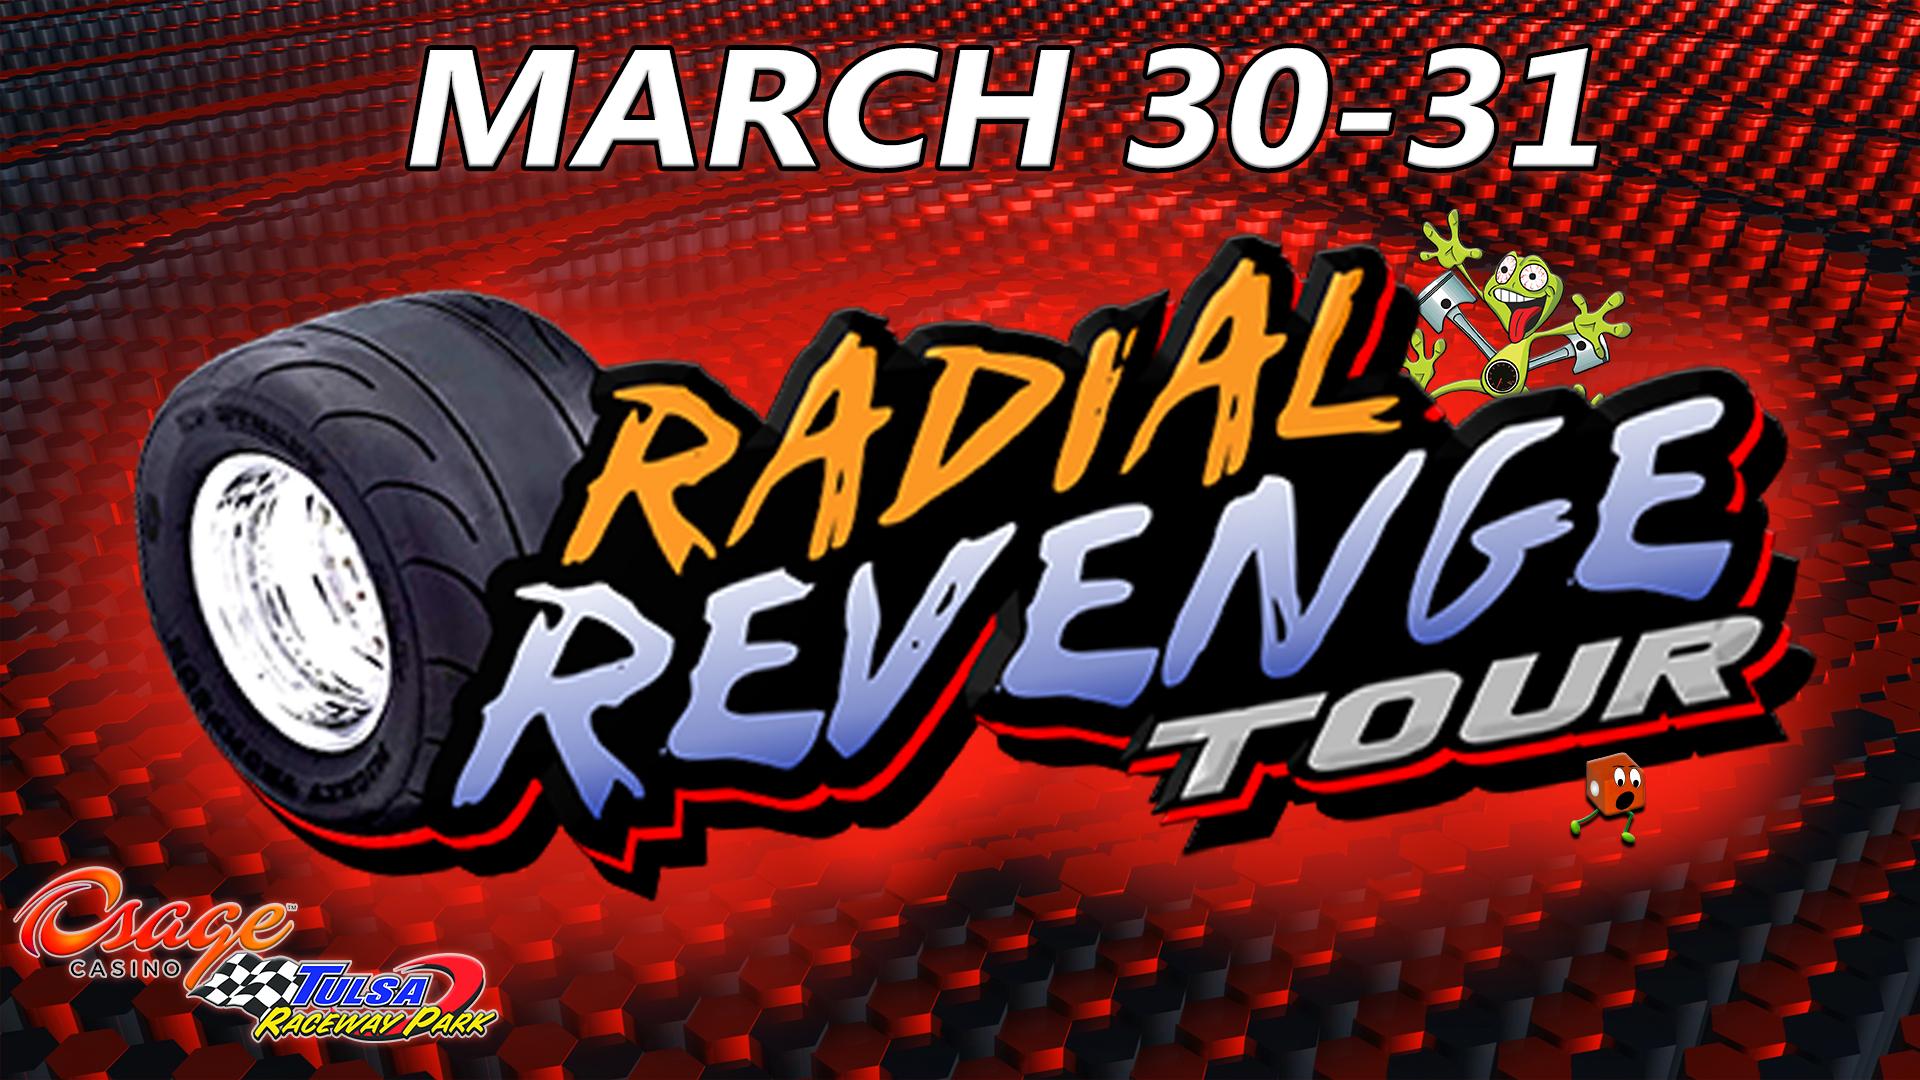 March30-31_RadialRevenge_Wps3